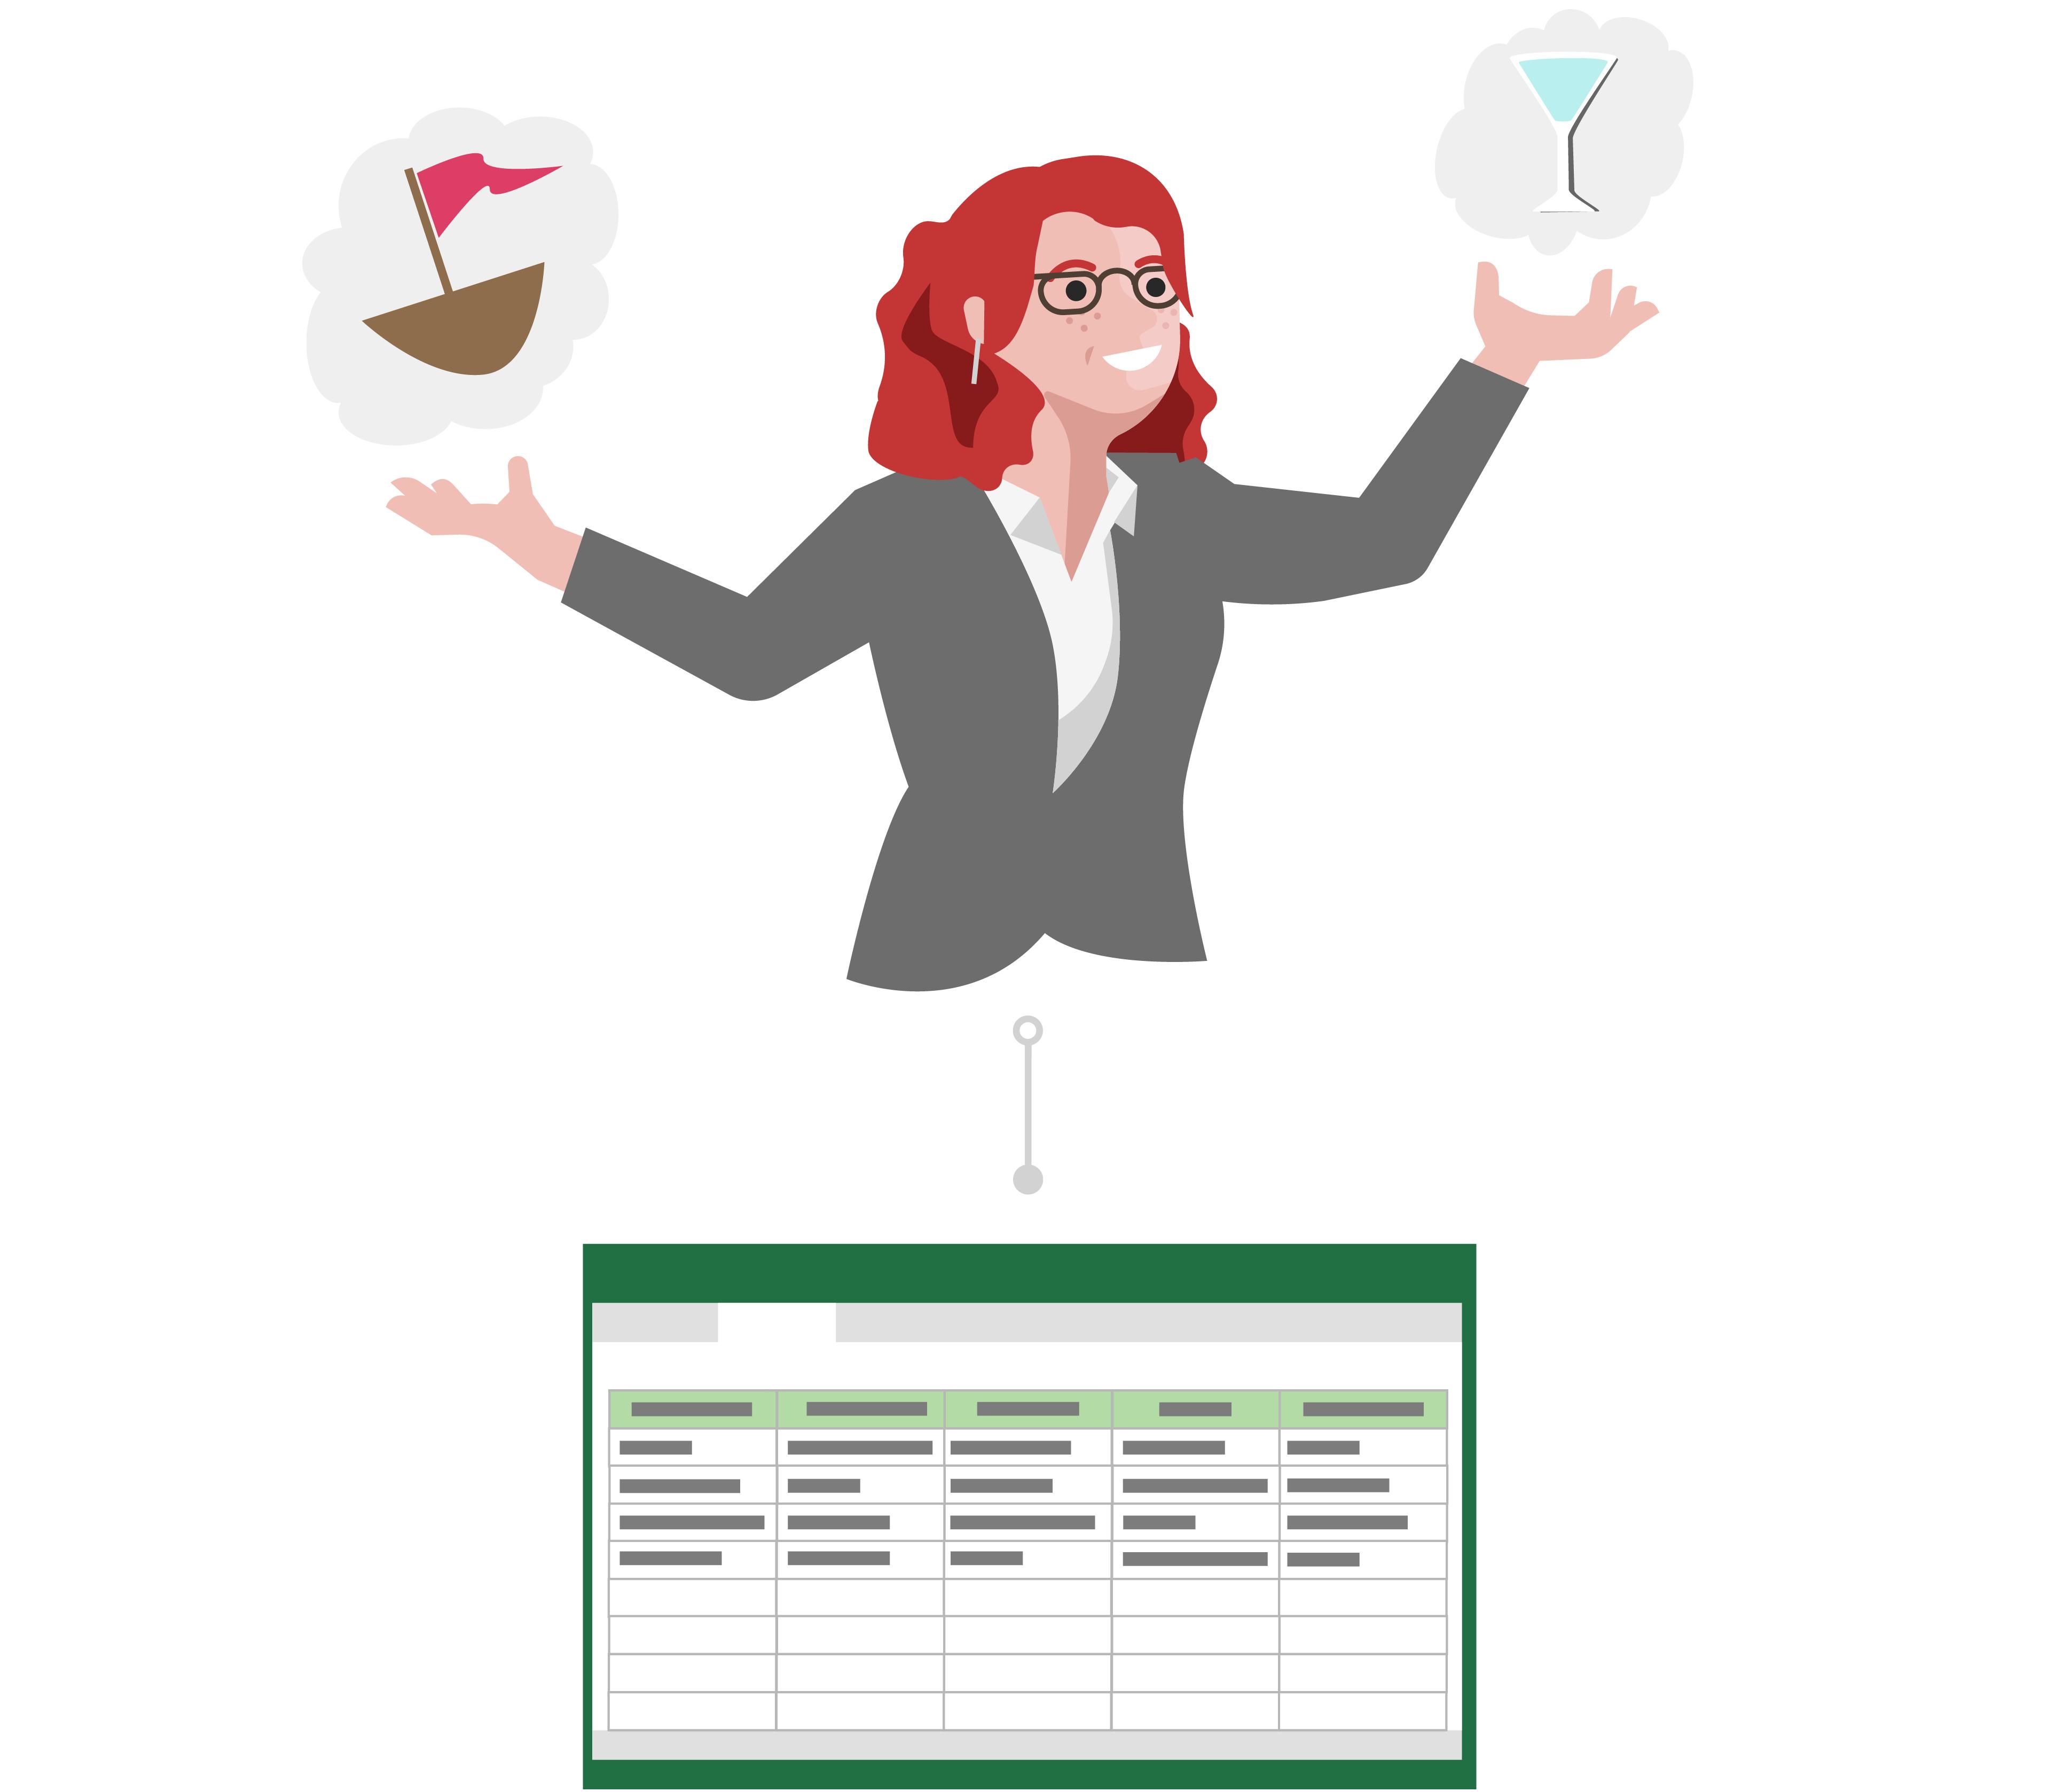 לינדה זקוקה למשוב על הרעיונות שלה, ולכן היא יוצרת גיליון אלקטרוני ושומרת בענן.